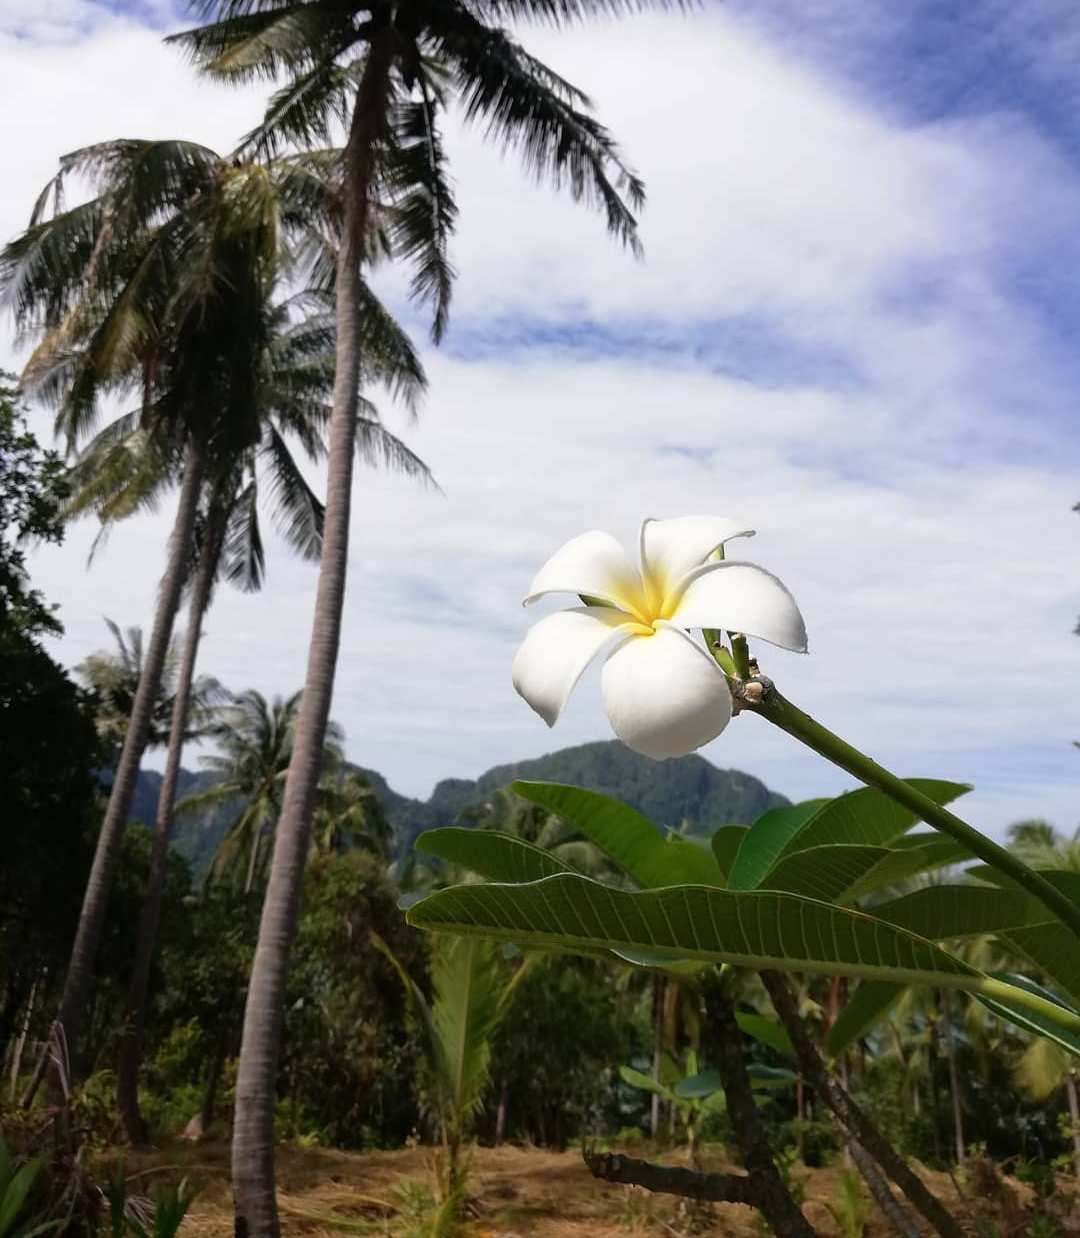 Mooie bloem met de natuur zoals palmbomen daaromheen op Koh Phi Phi